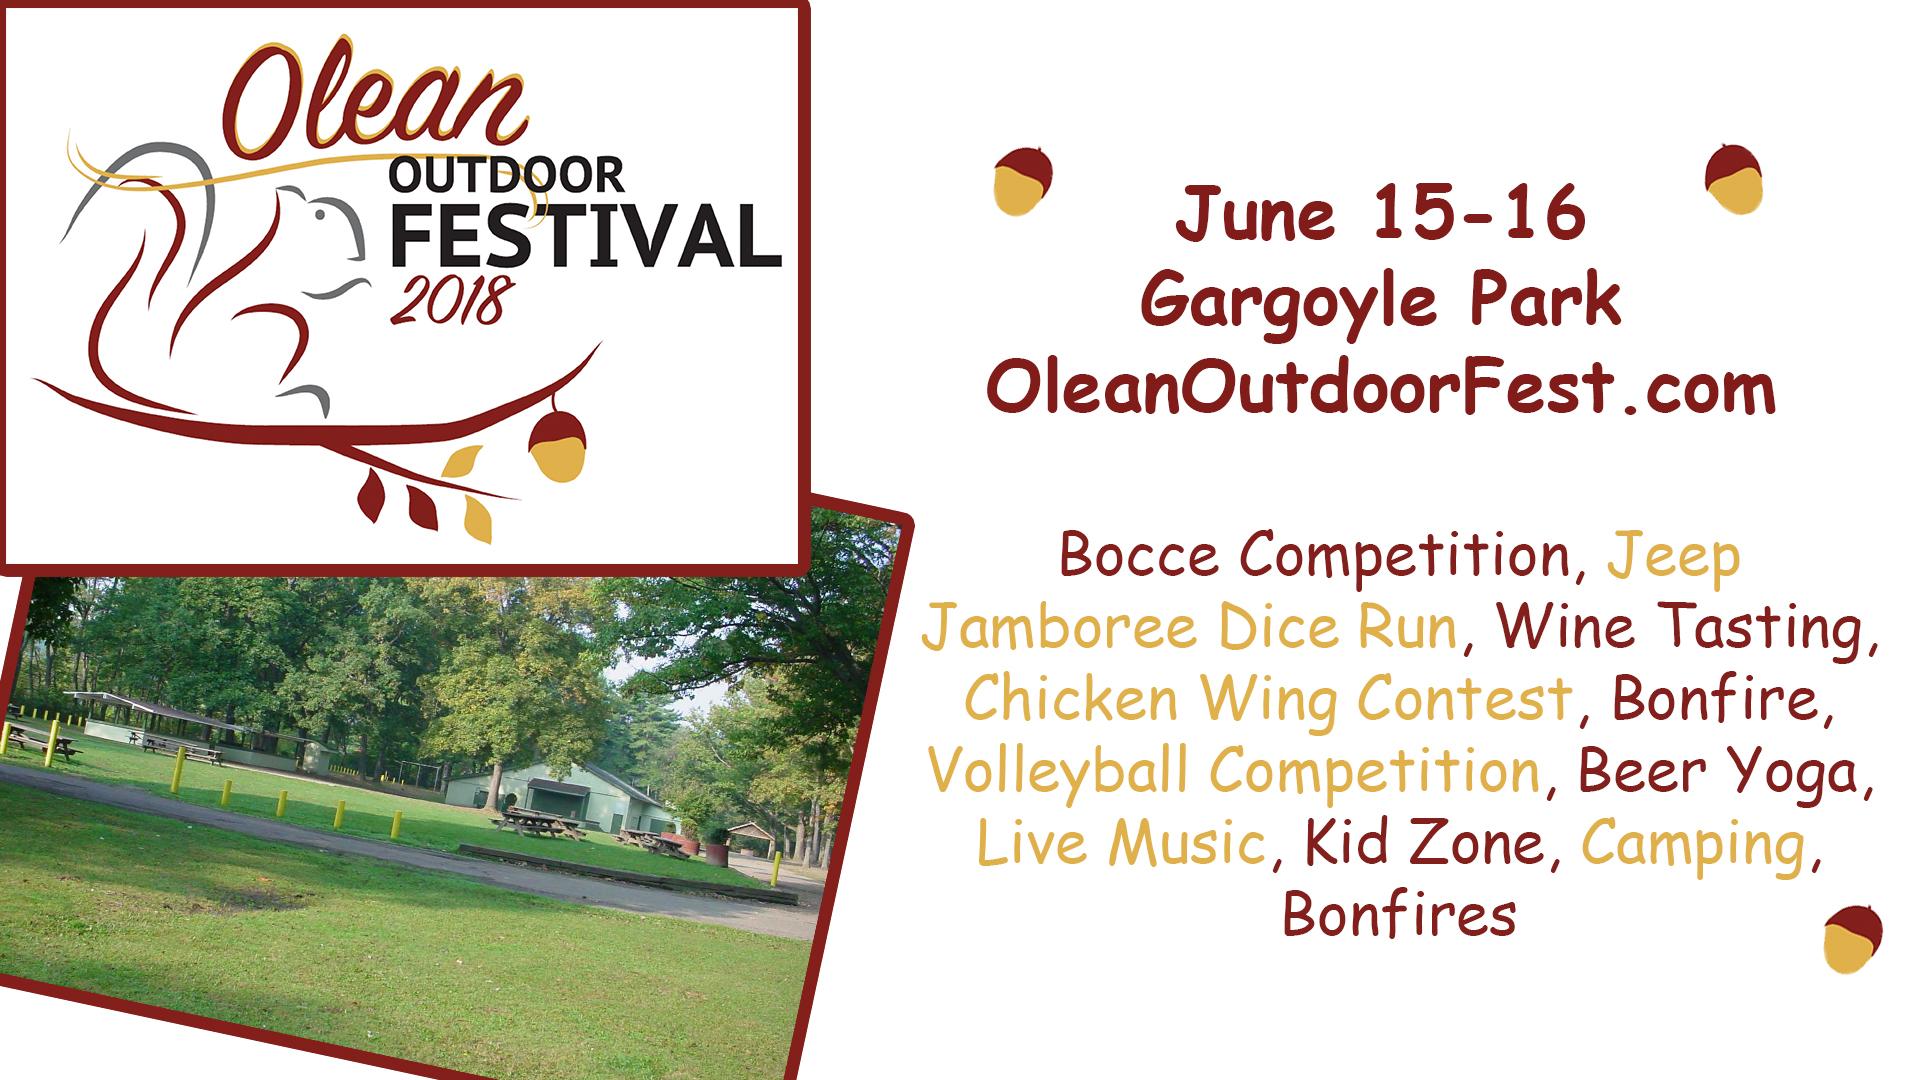 2018 Olean Outdoor Fest